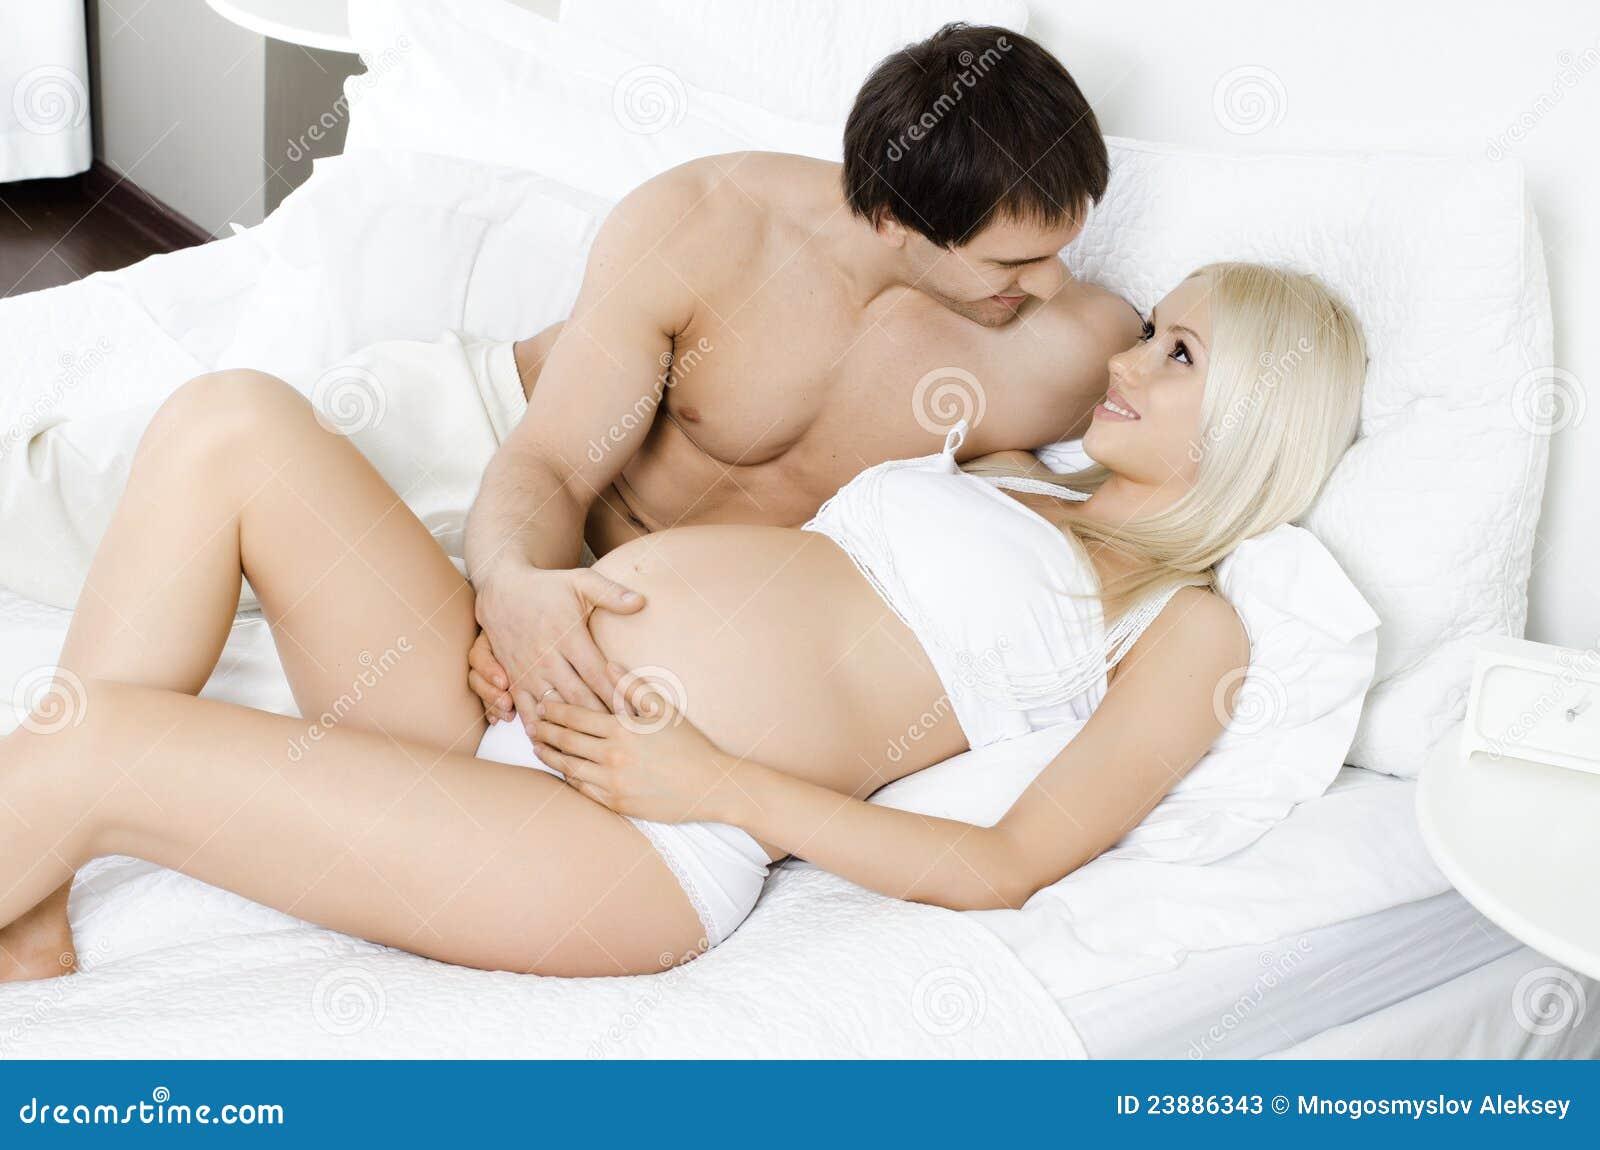 Можно ли оргазм беременным